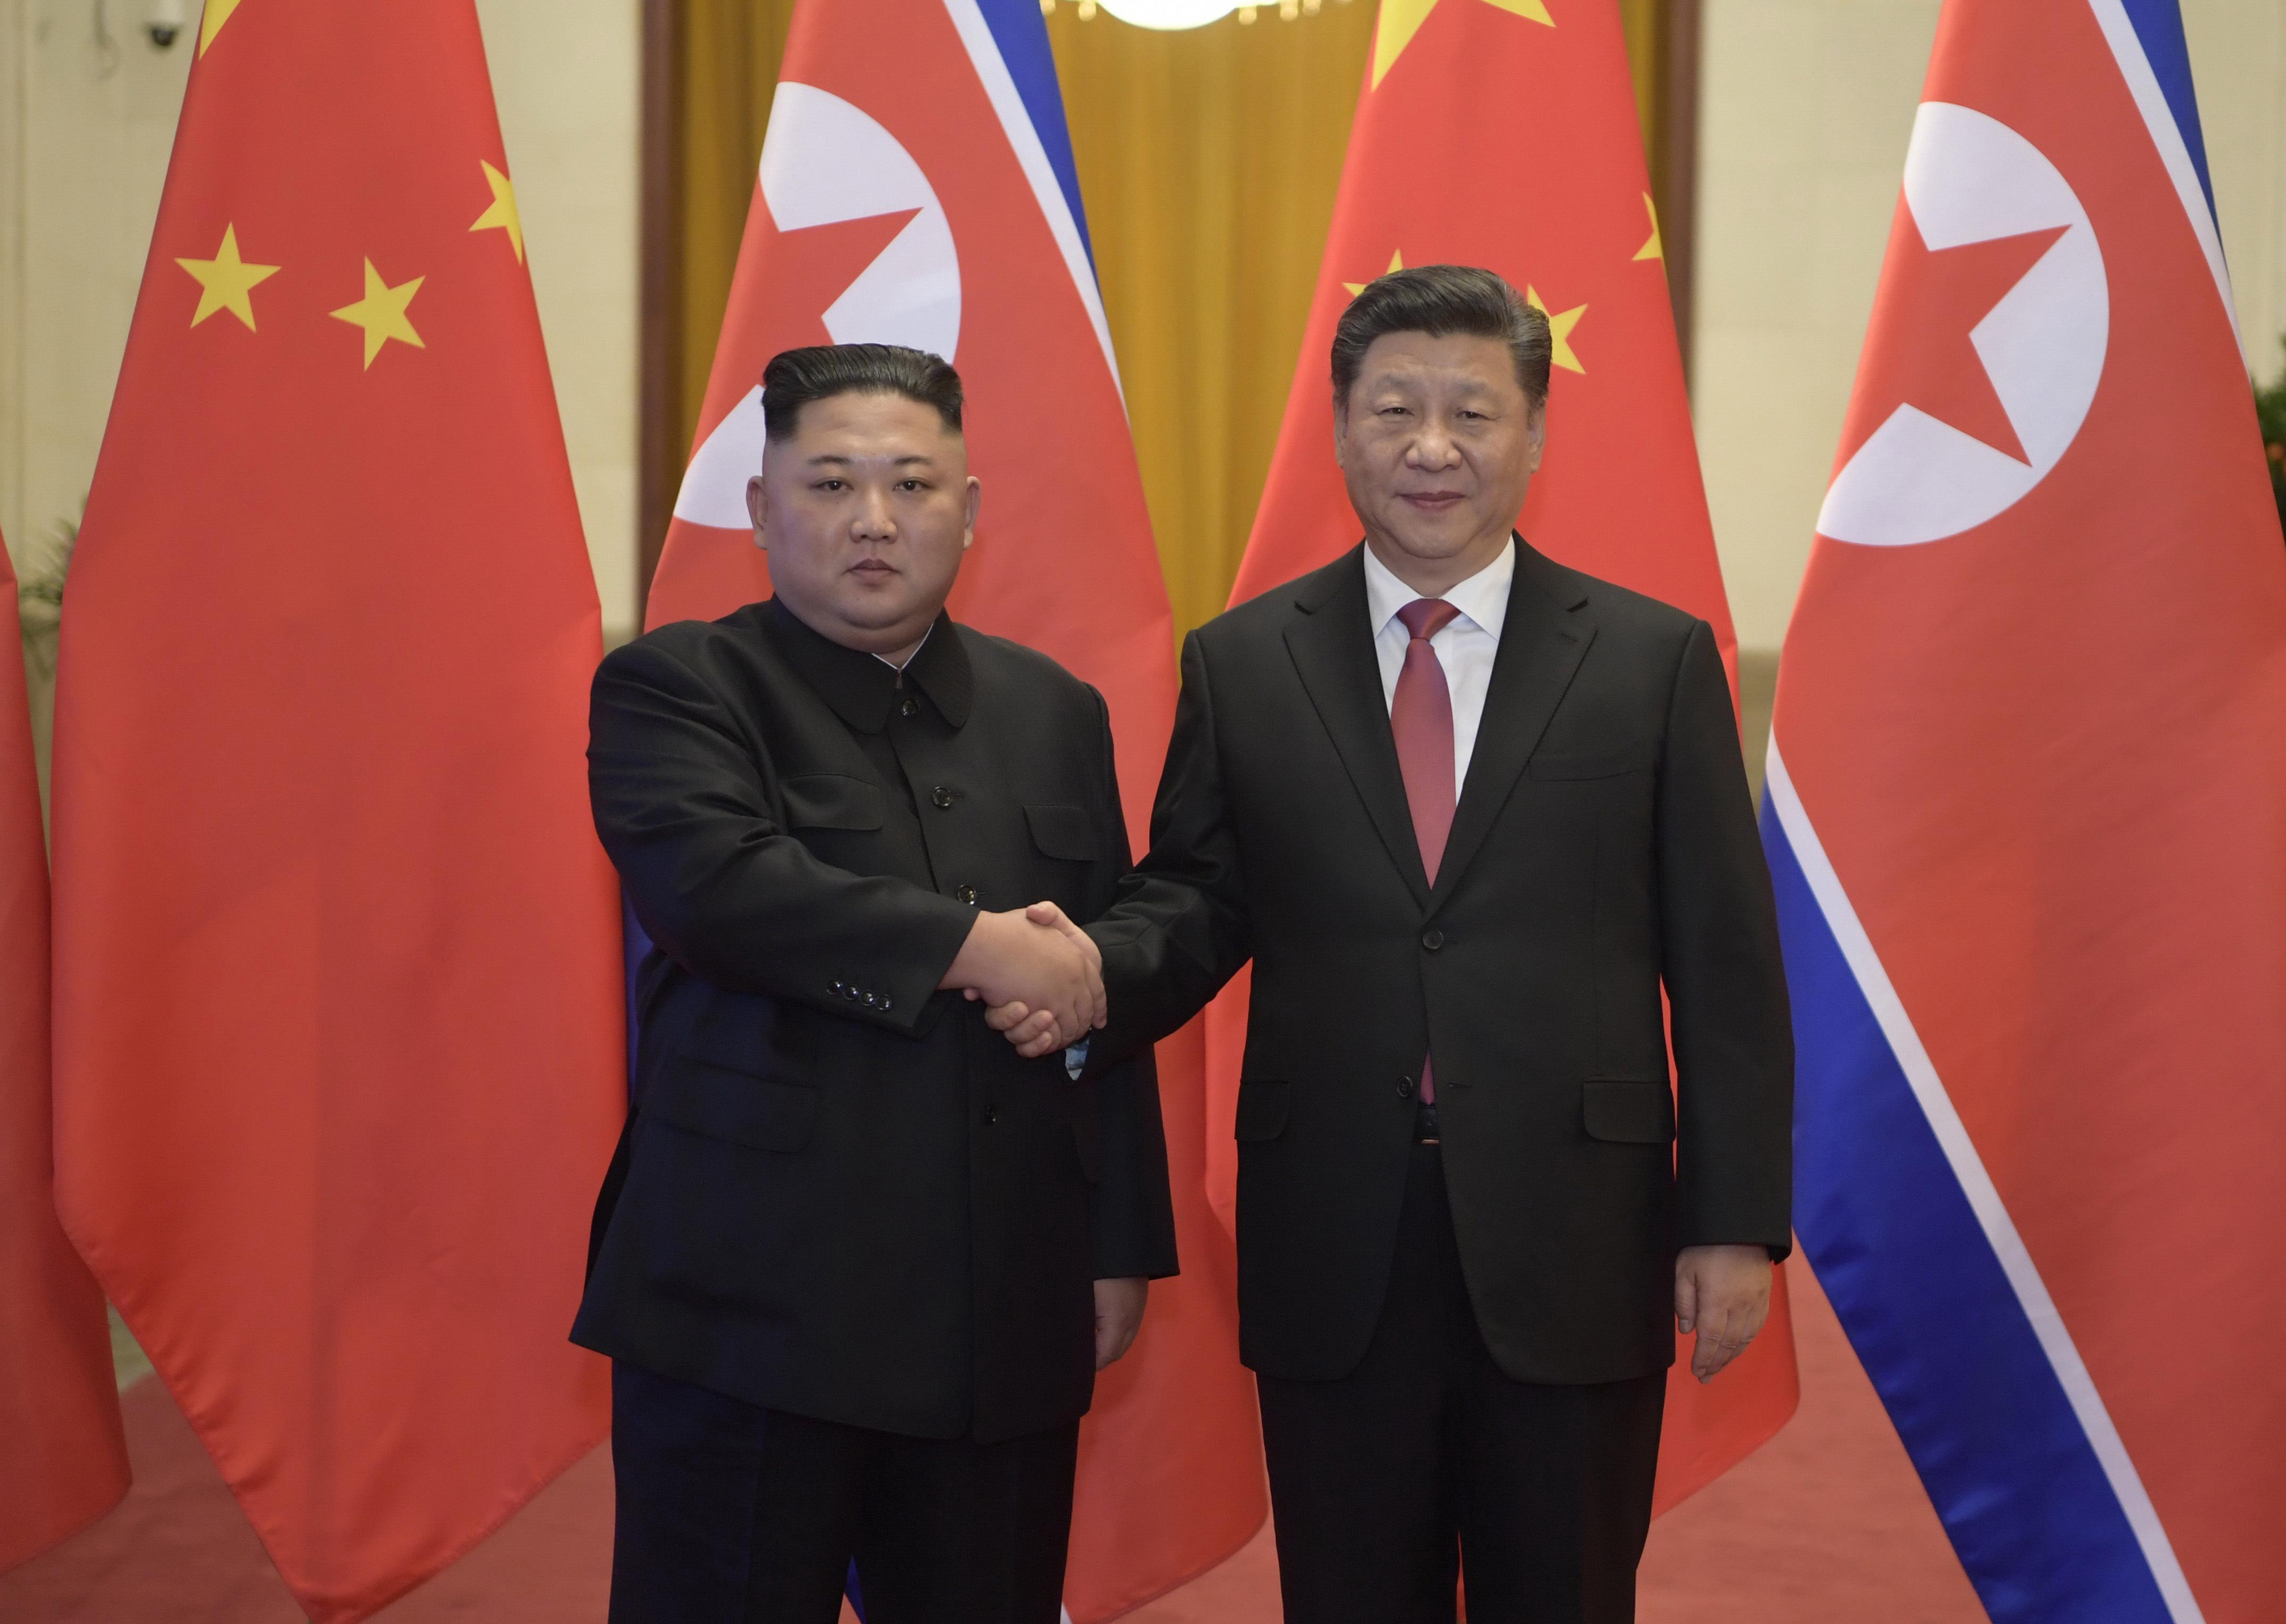 Στο Πεκίνο ο Κιμ Γιονγκ Ουν: Η δεύτερη συνάντηση με τον Τραμπ θα φέρει αποτελέσματα